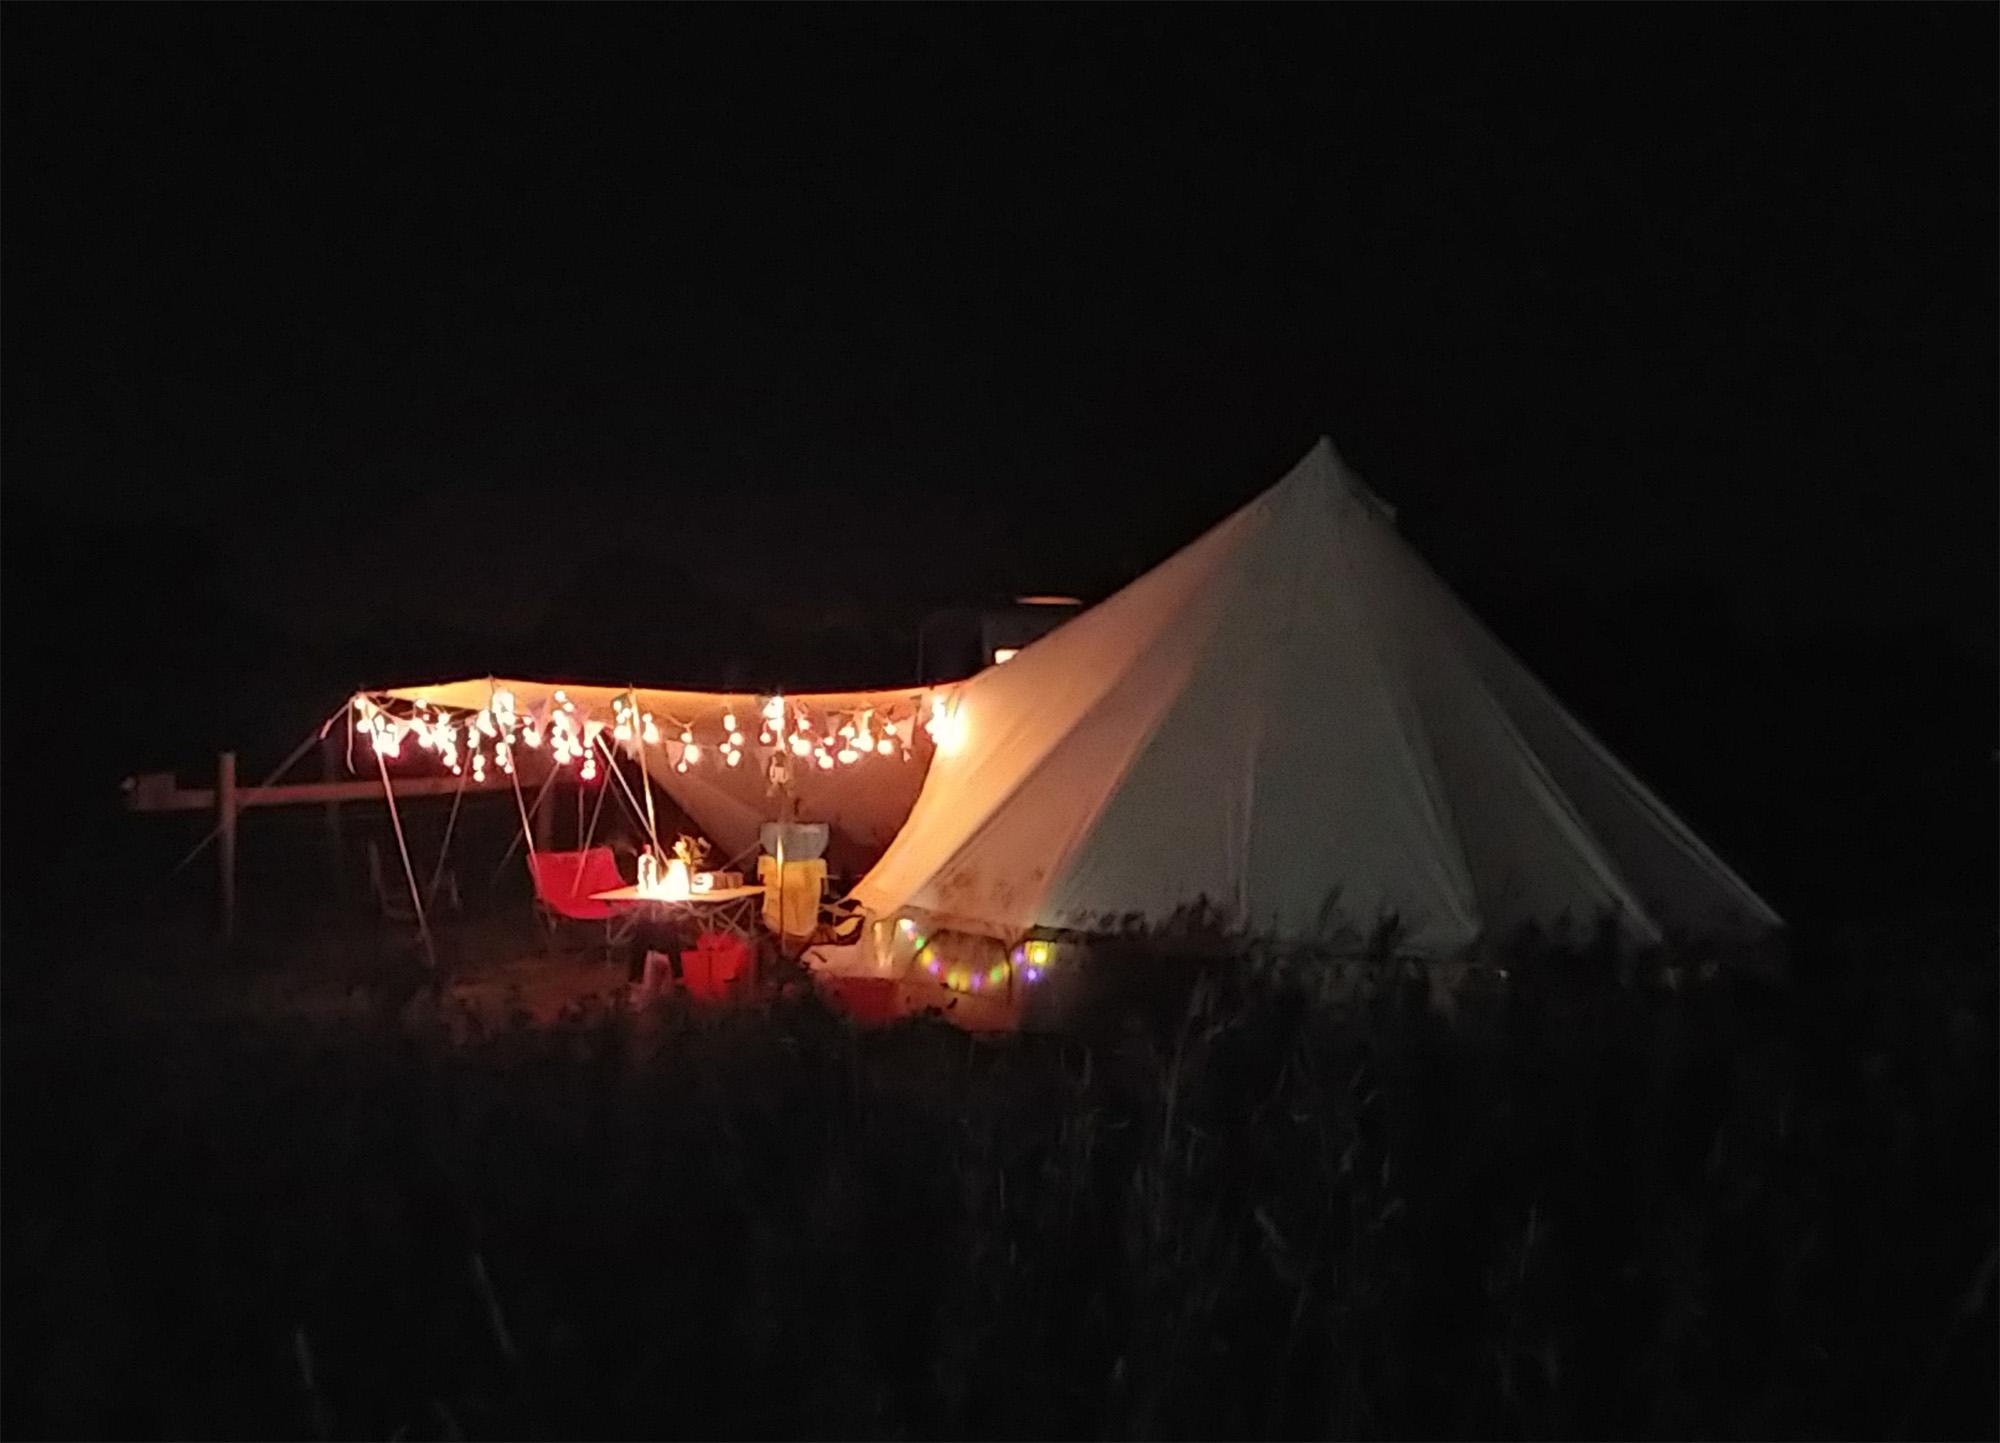 STN-IoW-Fakenham-Farm-Campsite-Night.jpg